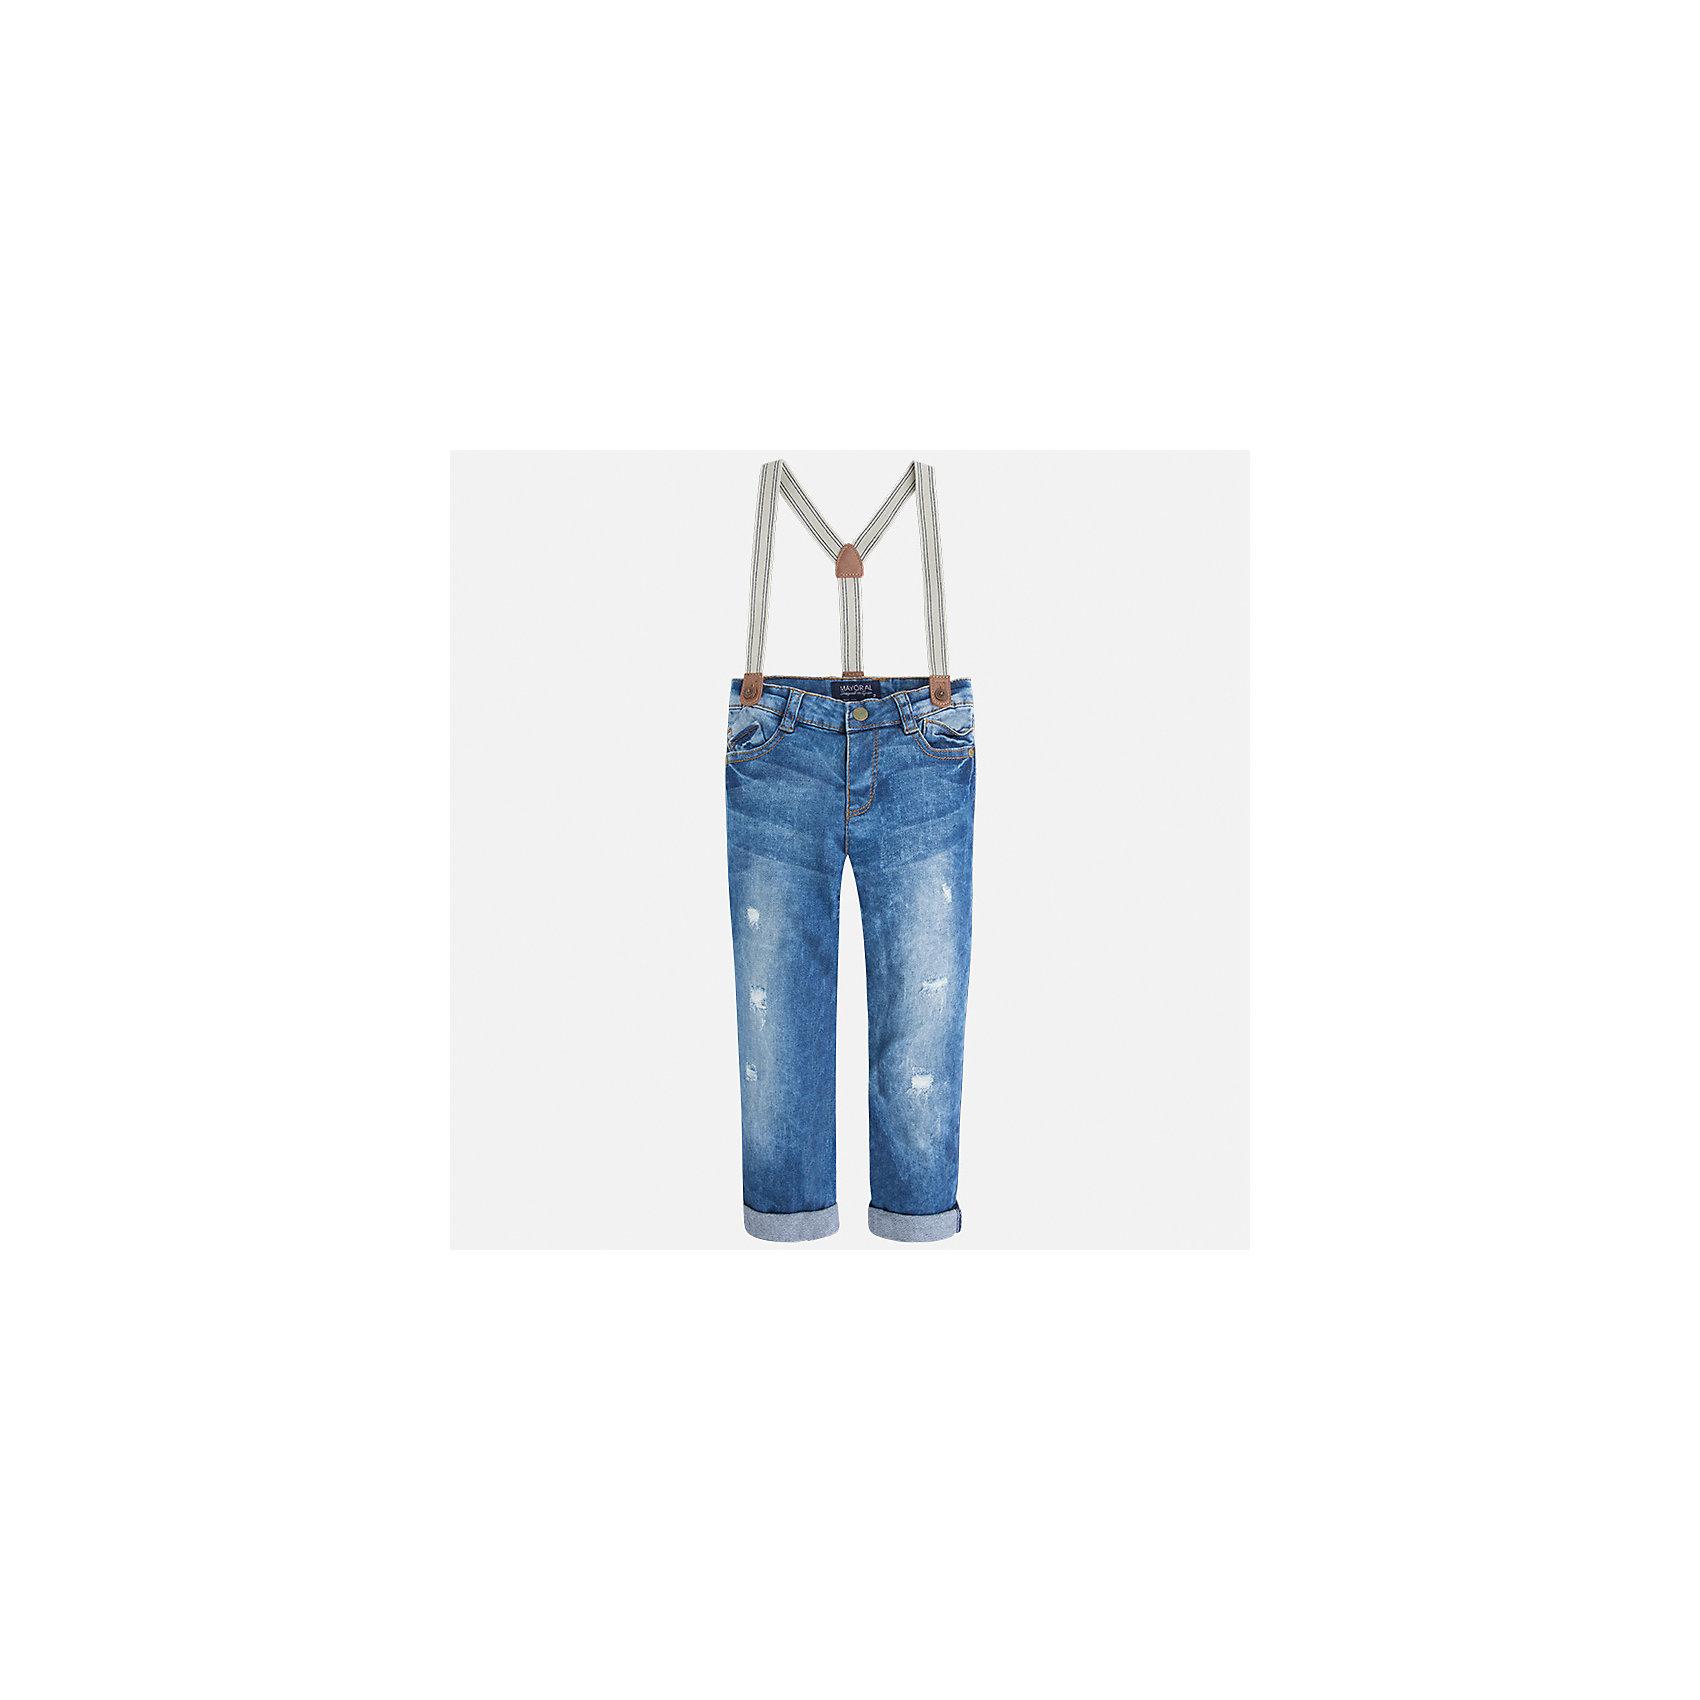 Джинсы с подтяжками для мальчика MayoralДжинсовая одежда<br>Характеристики товара:<br><br>• цвет: голубой<br>• состав: 98% хлопок, 2% эластан<br>• имитация потертостей<br>• шлевки<br>• карманы<br>• пояс с регулировкой объема<br>• подтяжки в комплекте<br>• страна бренда: Испания<br><br>Модные джинсы для мальчика смогут стать базовой вещью в гардеробе ребенка. Они отлично сочетаются с майками, футболками, рубашками и т.д. Универсальный крой и цвет позволяет подобрать к вещи верх разных расцветок. Практичное и стильное изделие! В составе материала - натуральный хлопок, гипоаллергенный, приятный на ощупь, дышащий.<br><br>Одежда, обувь и аксессуары от испанского бренда Mayoral полюбились детям и взрослым по всему миру. Модели этой марки - стильные и удобные. Для их производства используются только безопасные, качественные материалы и фурнитура. Порадуйте ребенка модными и красивыми вещами от Mayoral! <br><br>Джинсы для мальчика от испанского бренда Mayoral (Майорал) можно купить в нашем интернет-магазине.<br><br>Ширина мм: 215<br>Глубина мм: 88<br>Высота мм: 191<br>Вес г: 336<br>Цвет: голубой<br>Возраст от месяцев: 60<br>Возраст до месяцев: 72<br>Пол: Мужской<br>Возраст: Детский<br>Размер: 134,110,122,104,92,98,116,128<br>SKU: 5280873